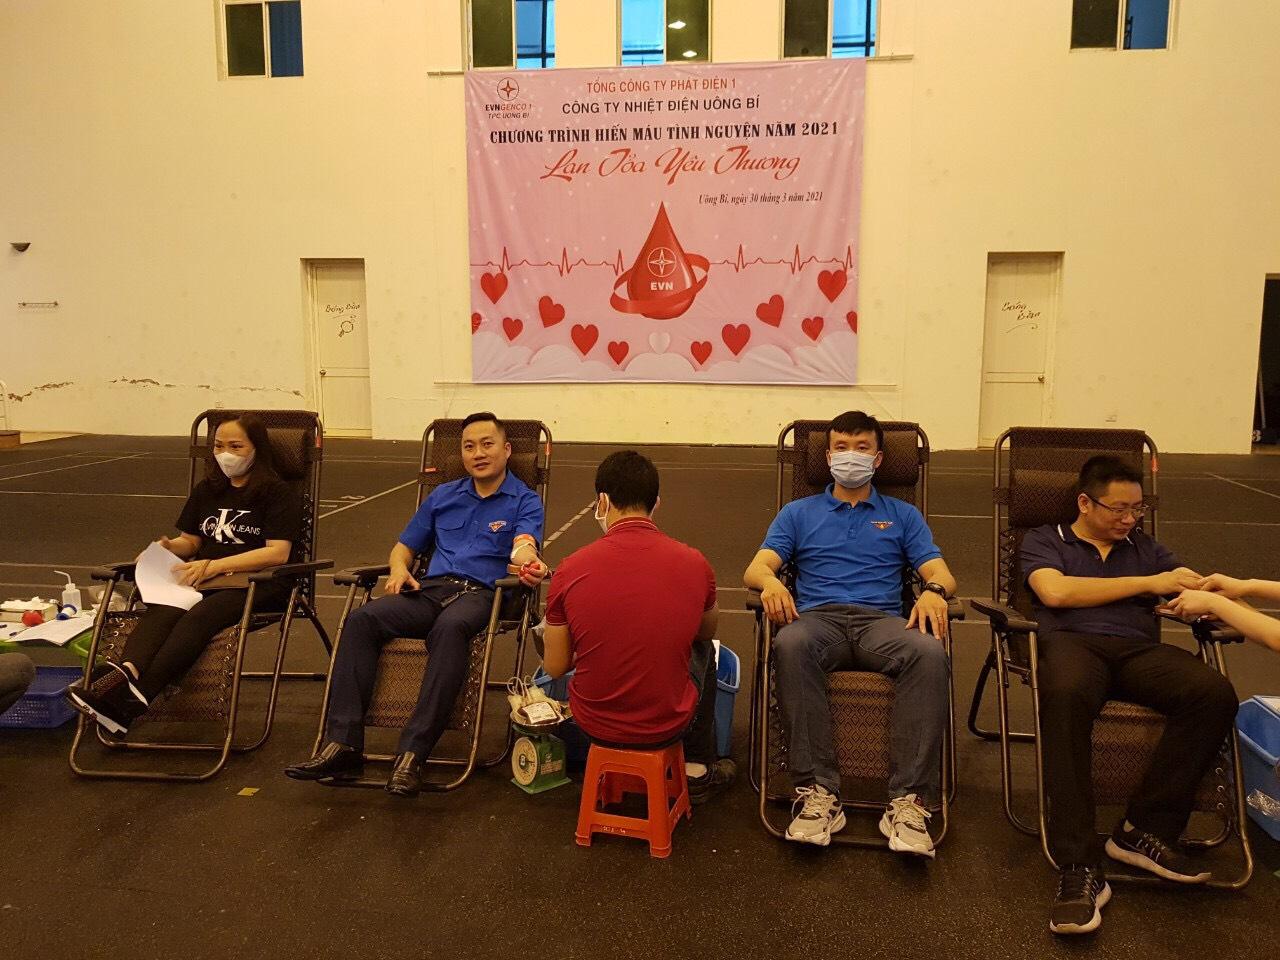 Tháng Thanh niên sôi động của tuổi trẻ Công ty Nhiệt điện Uông Bí